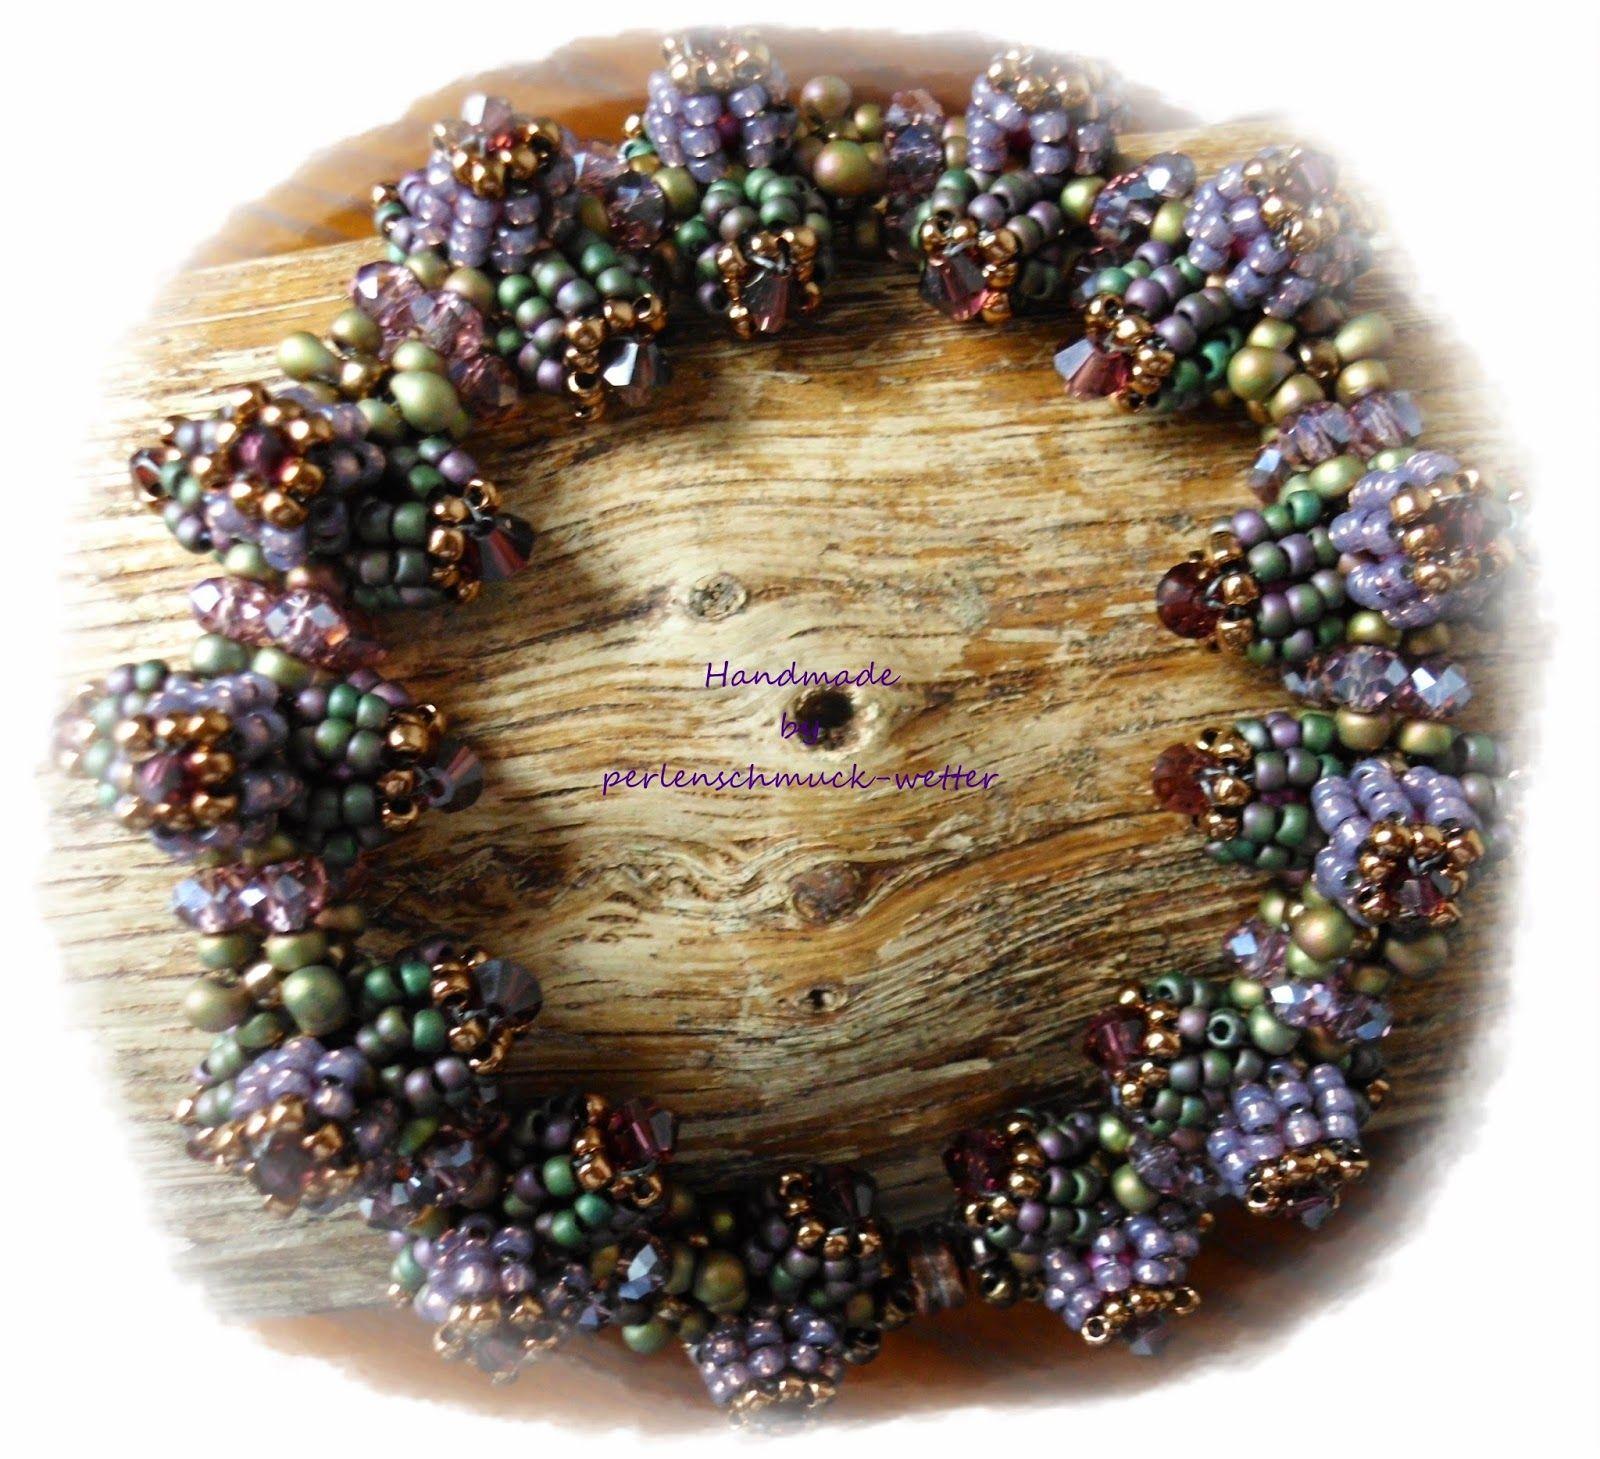 Perlenschmuck-Wetter: Armbänder - Spike CRAW Bracelet - Design von Riana Olckers